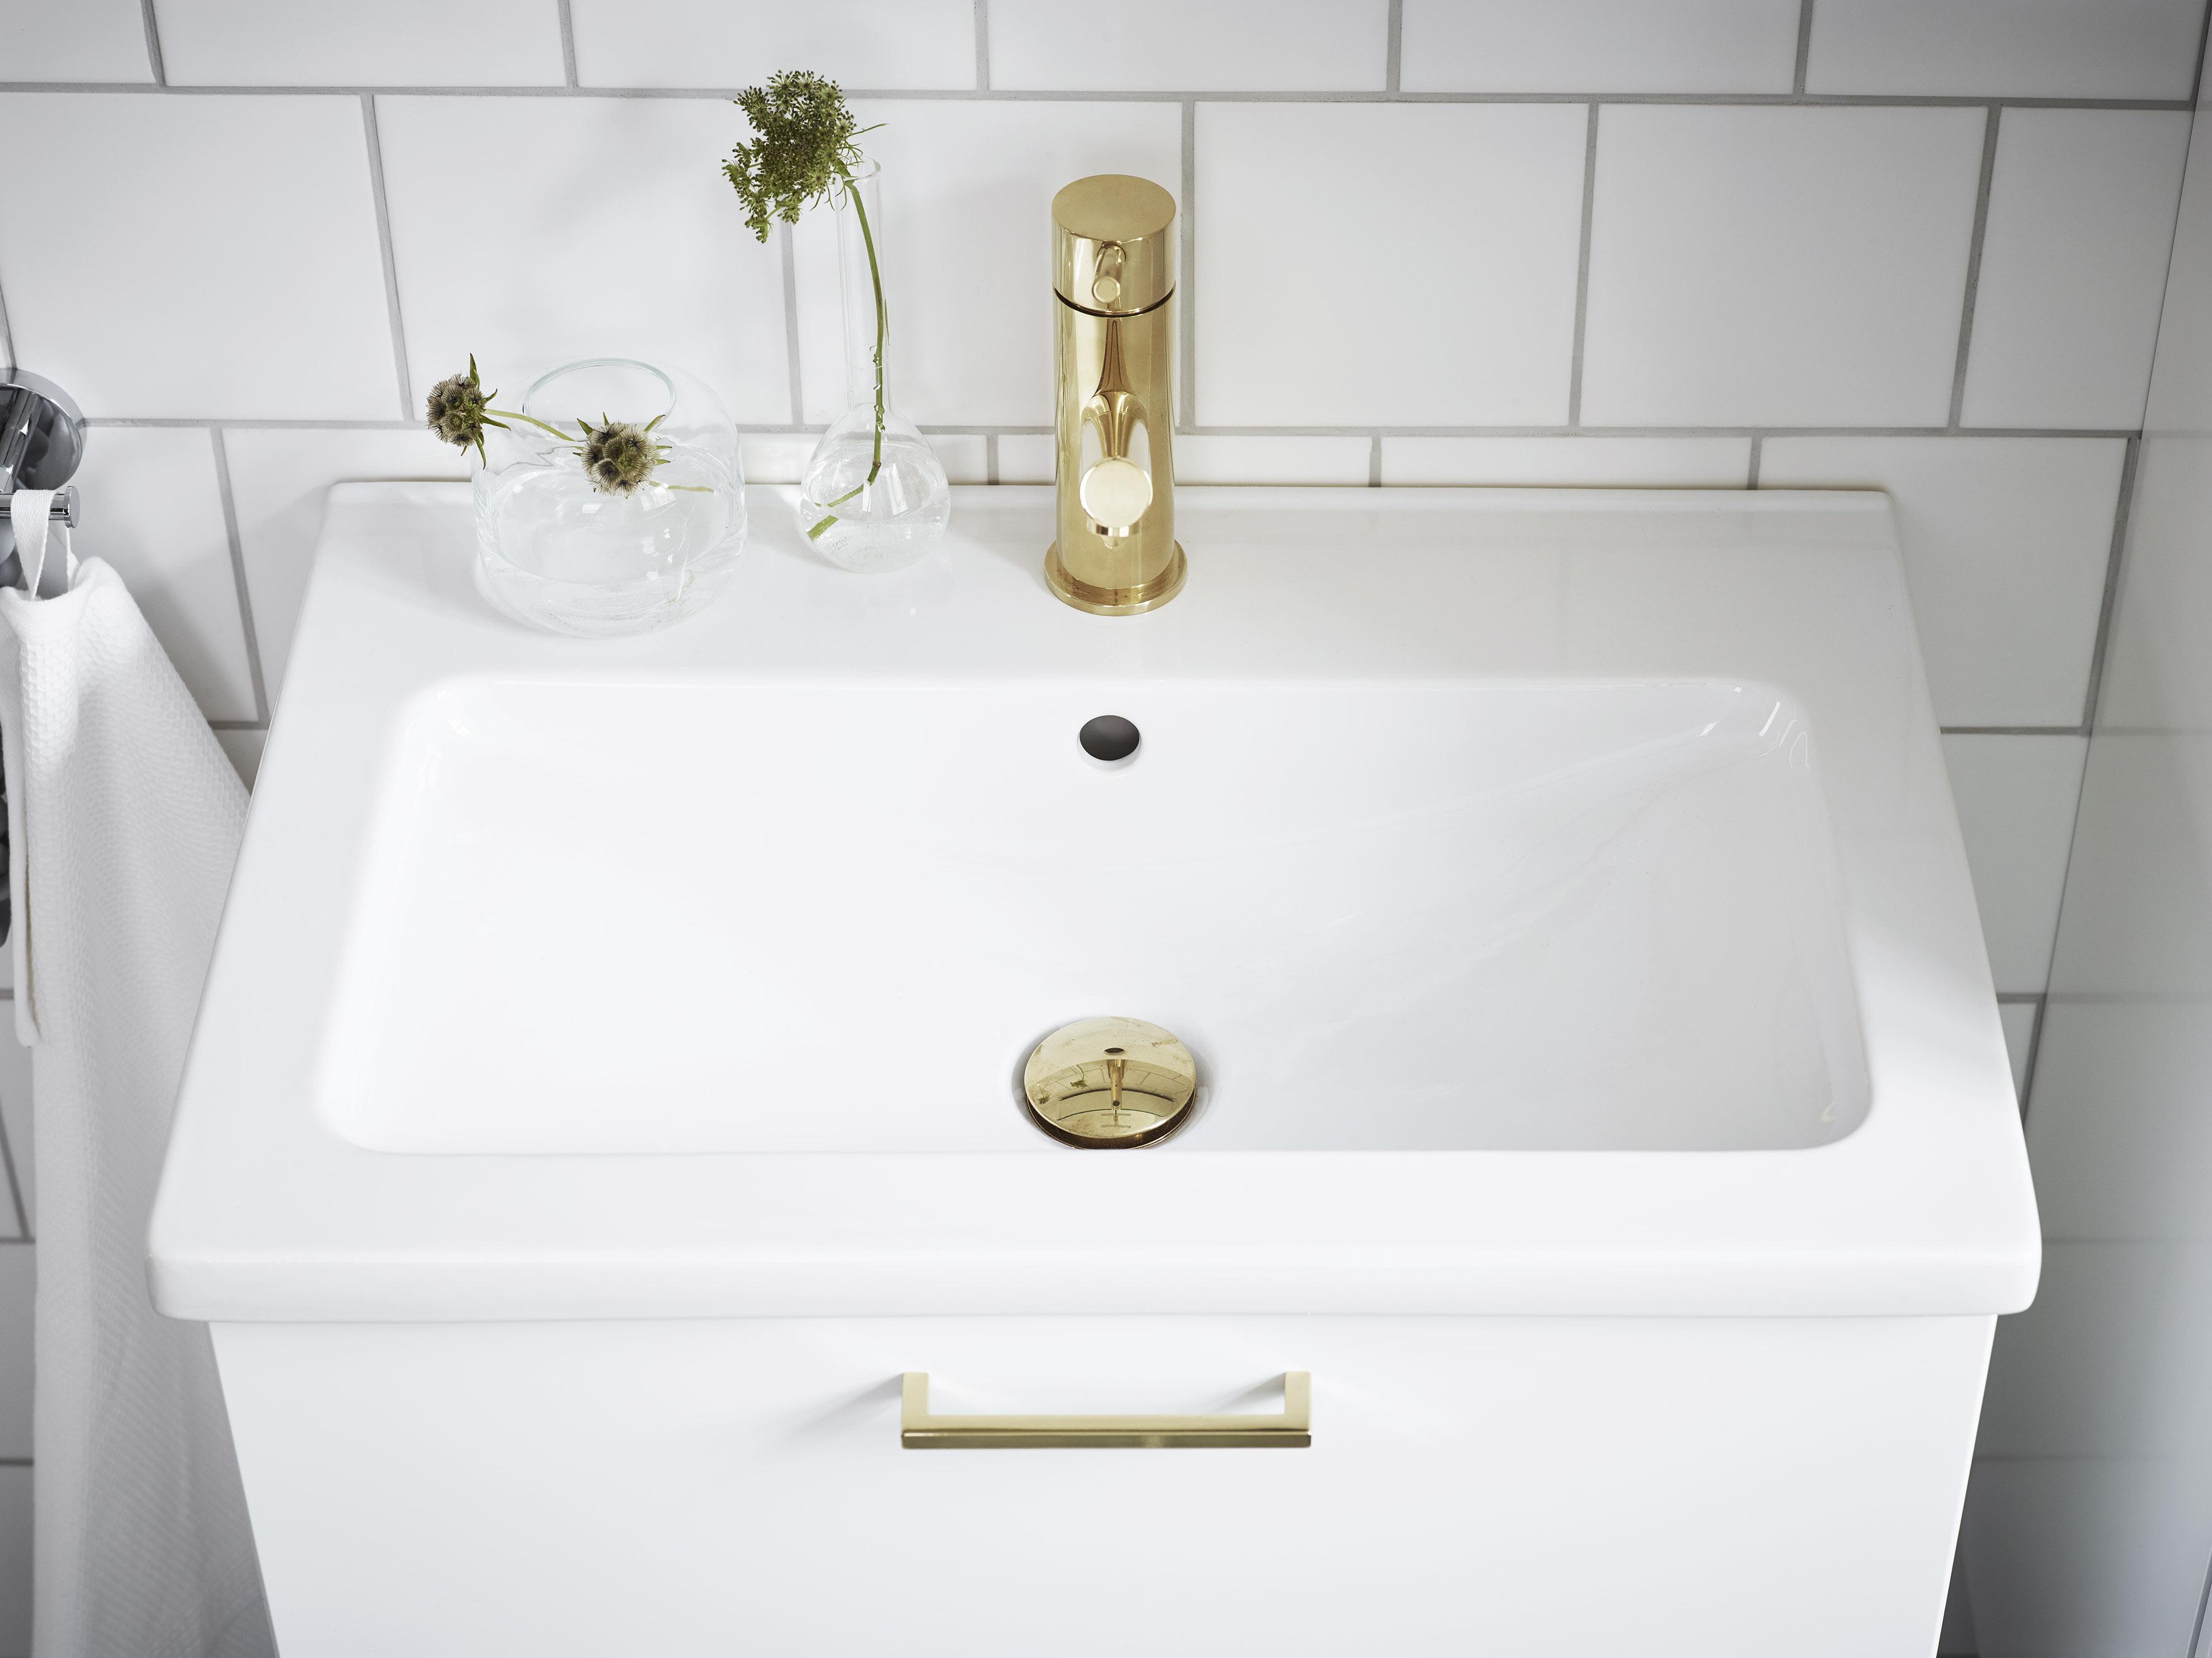 Nyheter bad   nytt kök badrum och tvättstuga   vedum kök och bad ab